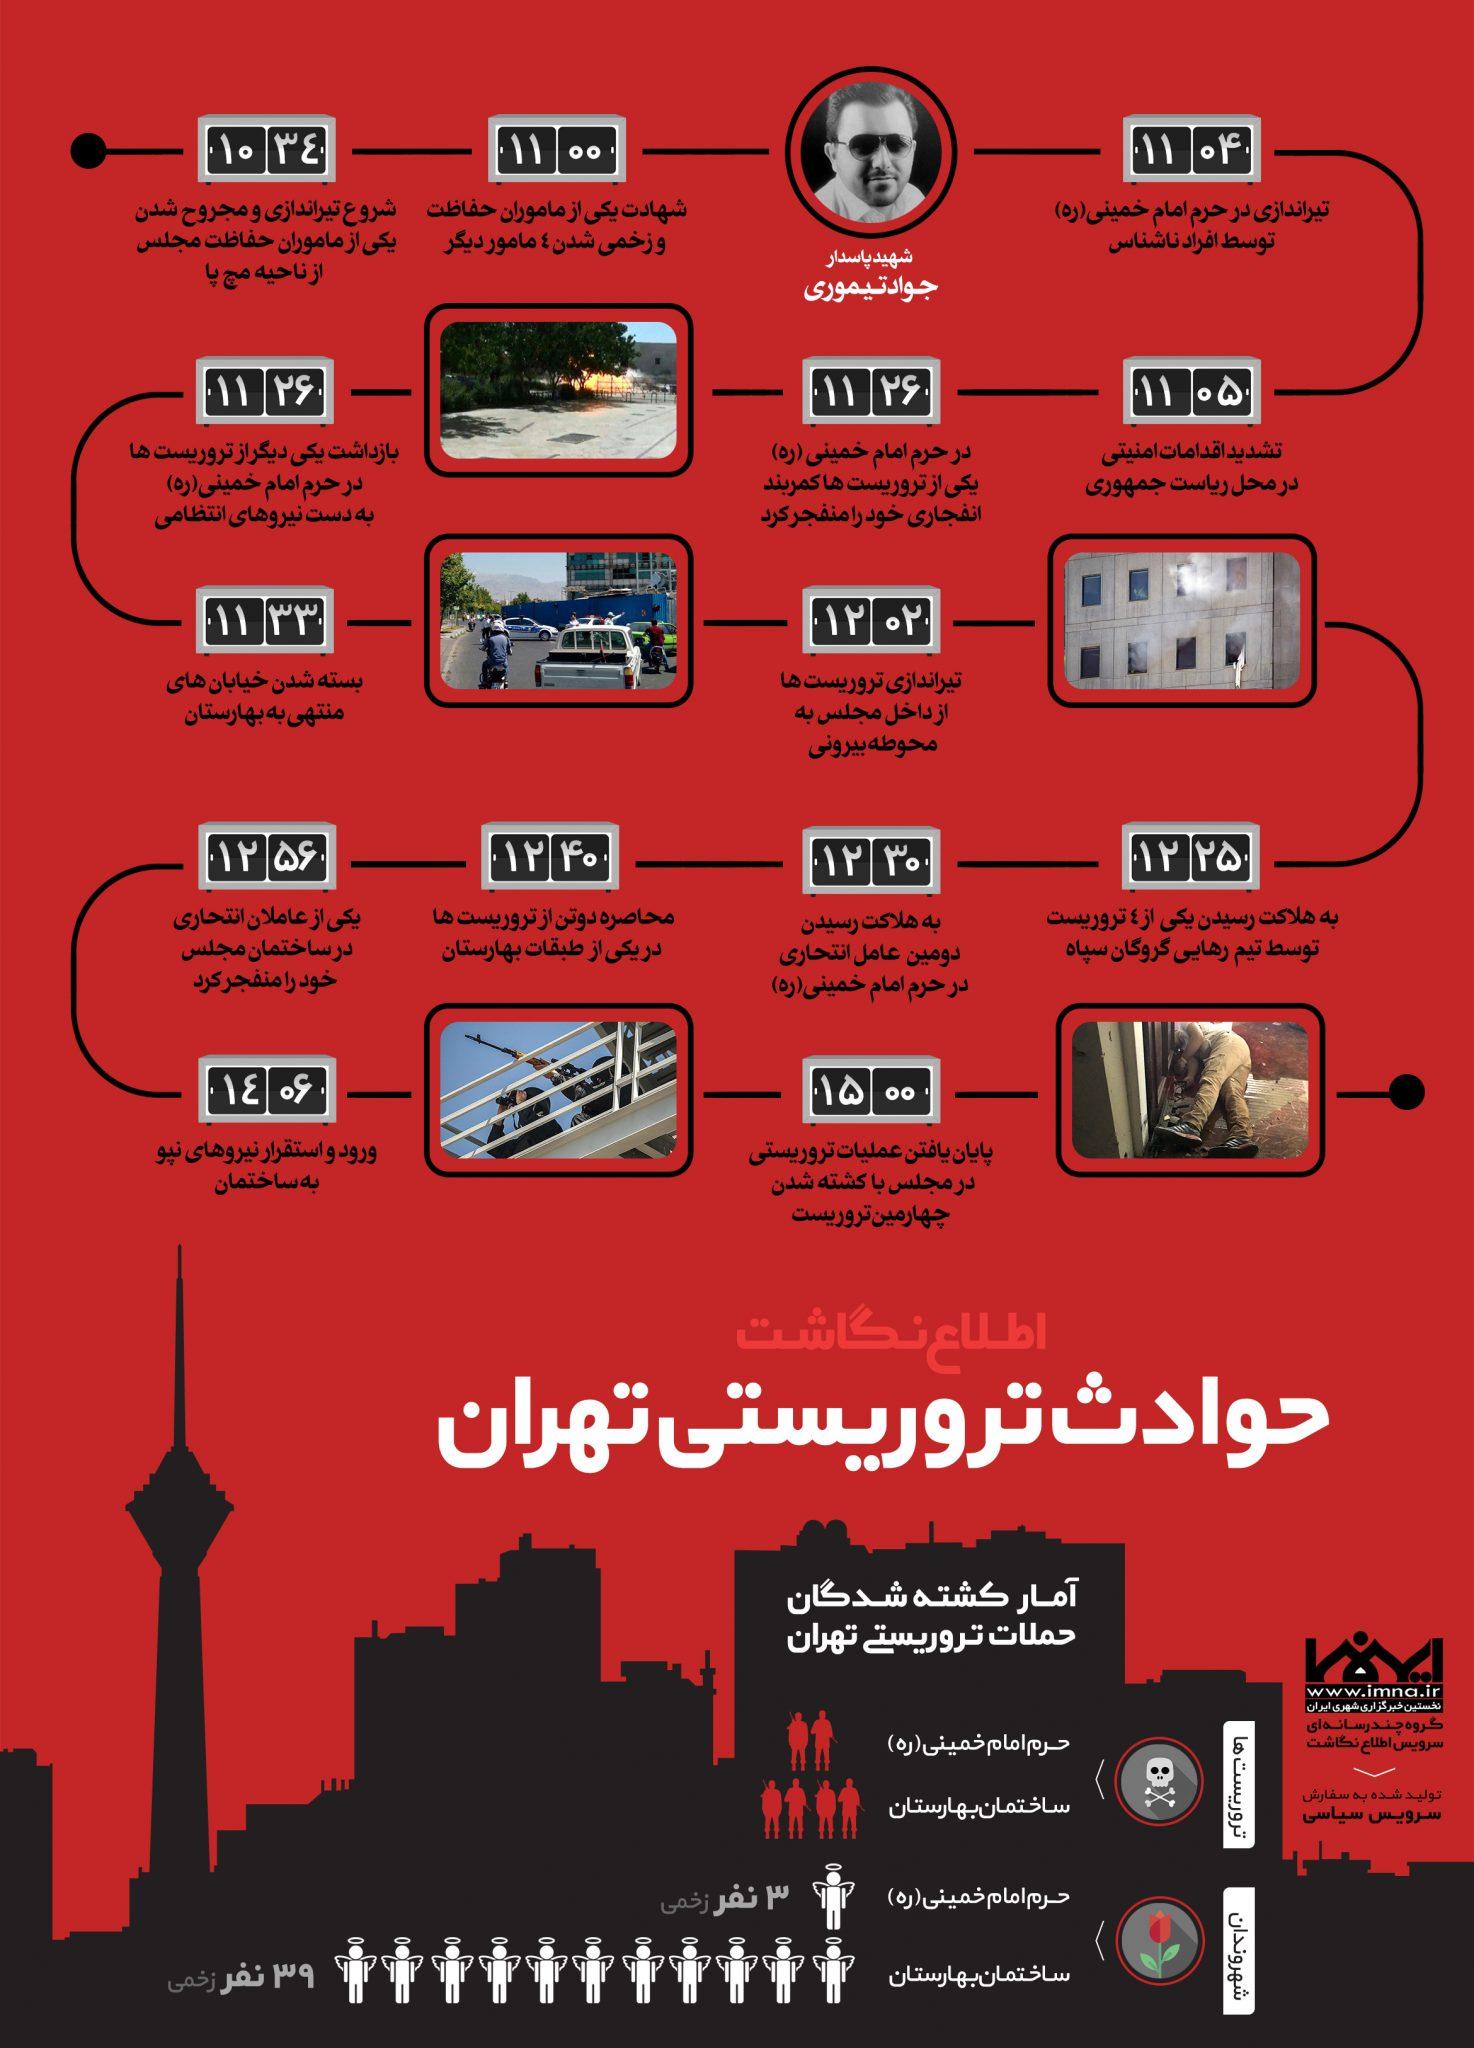 اینفوگرافیک حوادث تروریستی تهران